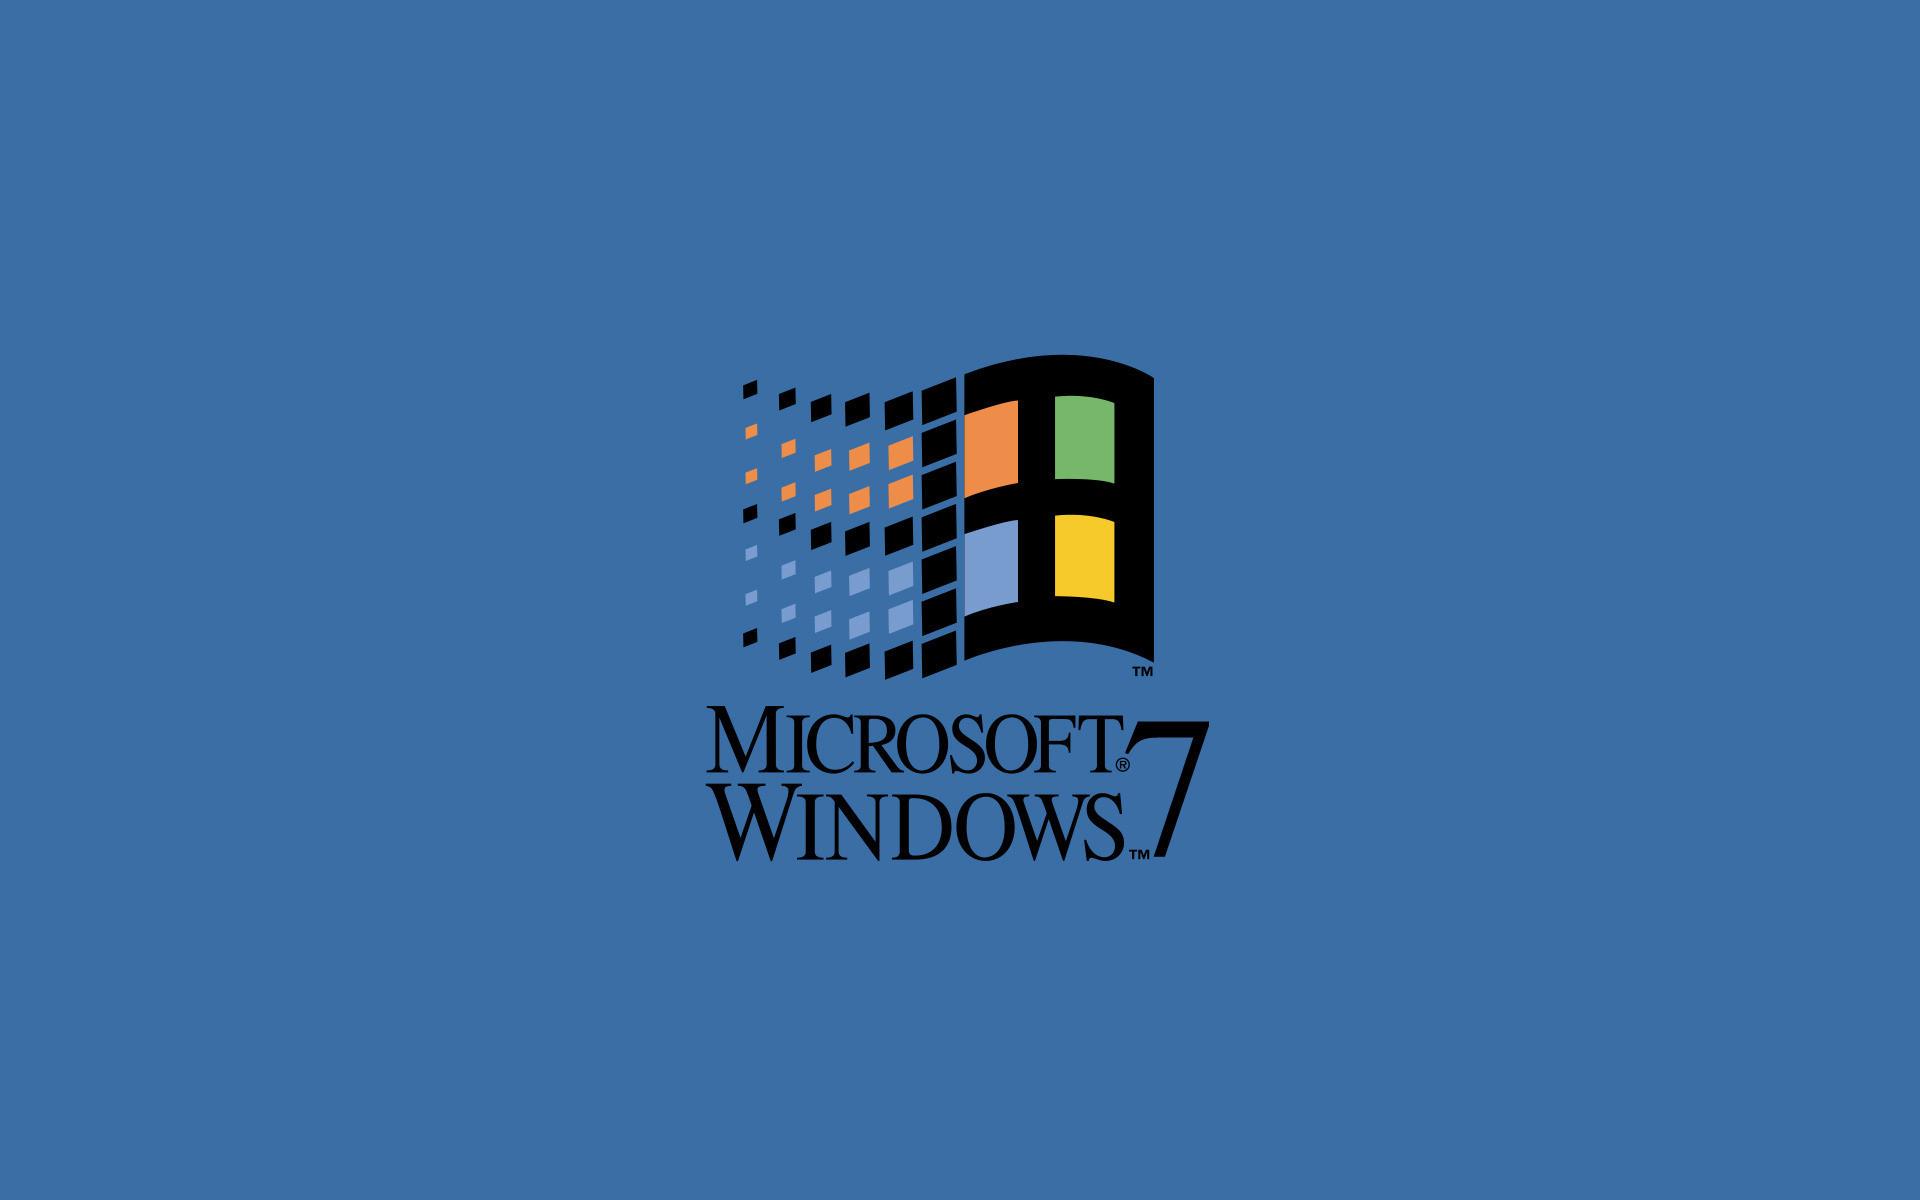 Tags: Windows Nt 40 …